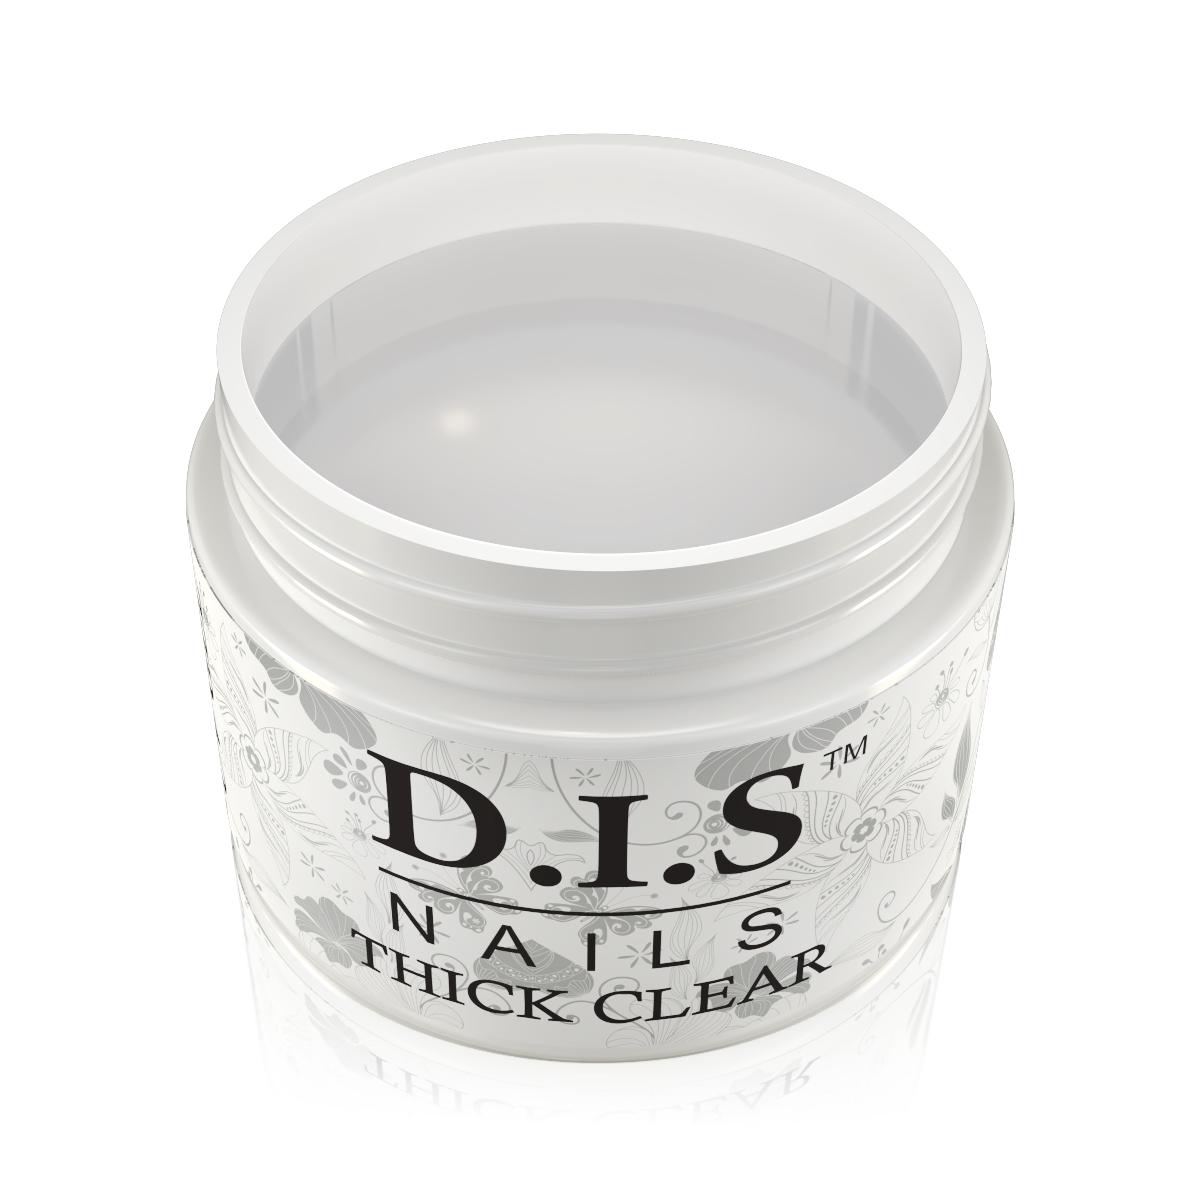 Однофазный гель D.I.S Nails Thick Clear Gel (Кристально-прозрачный) 60 гр.